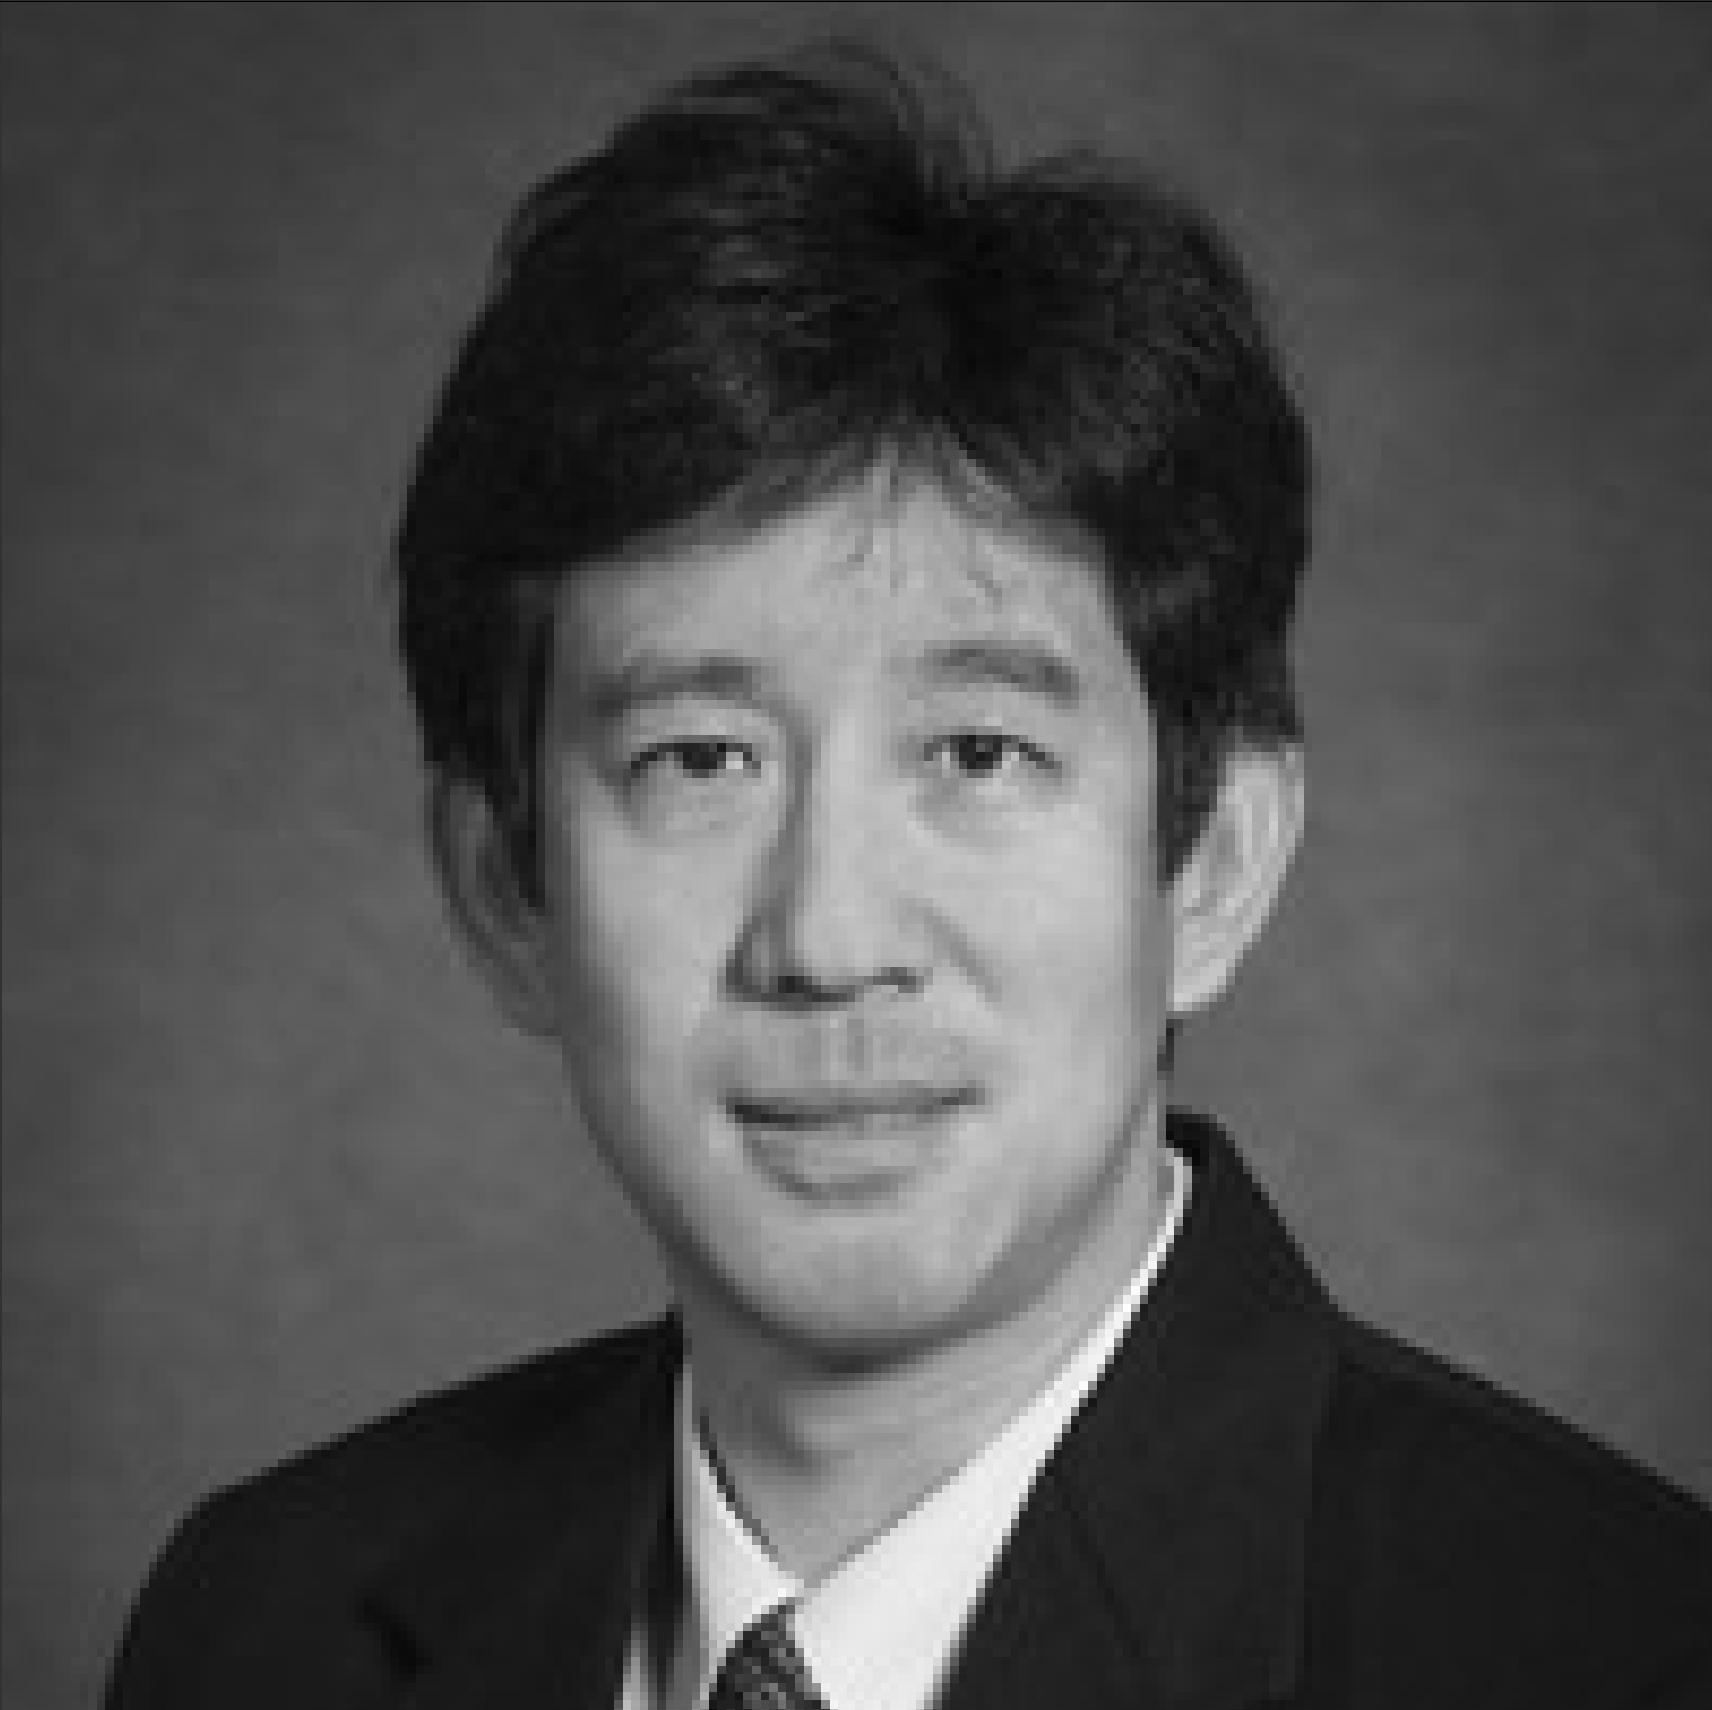 Gao Liu